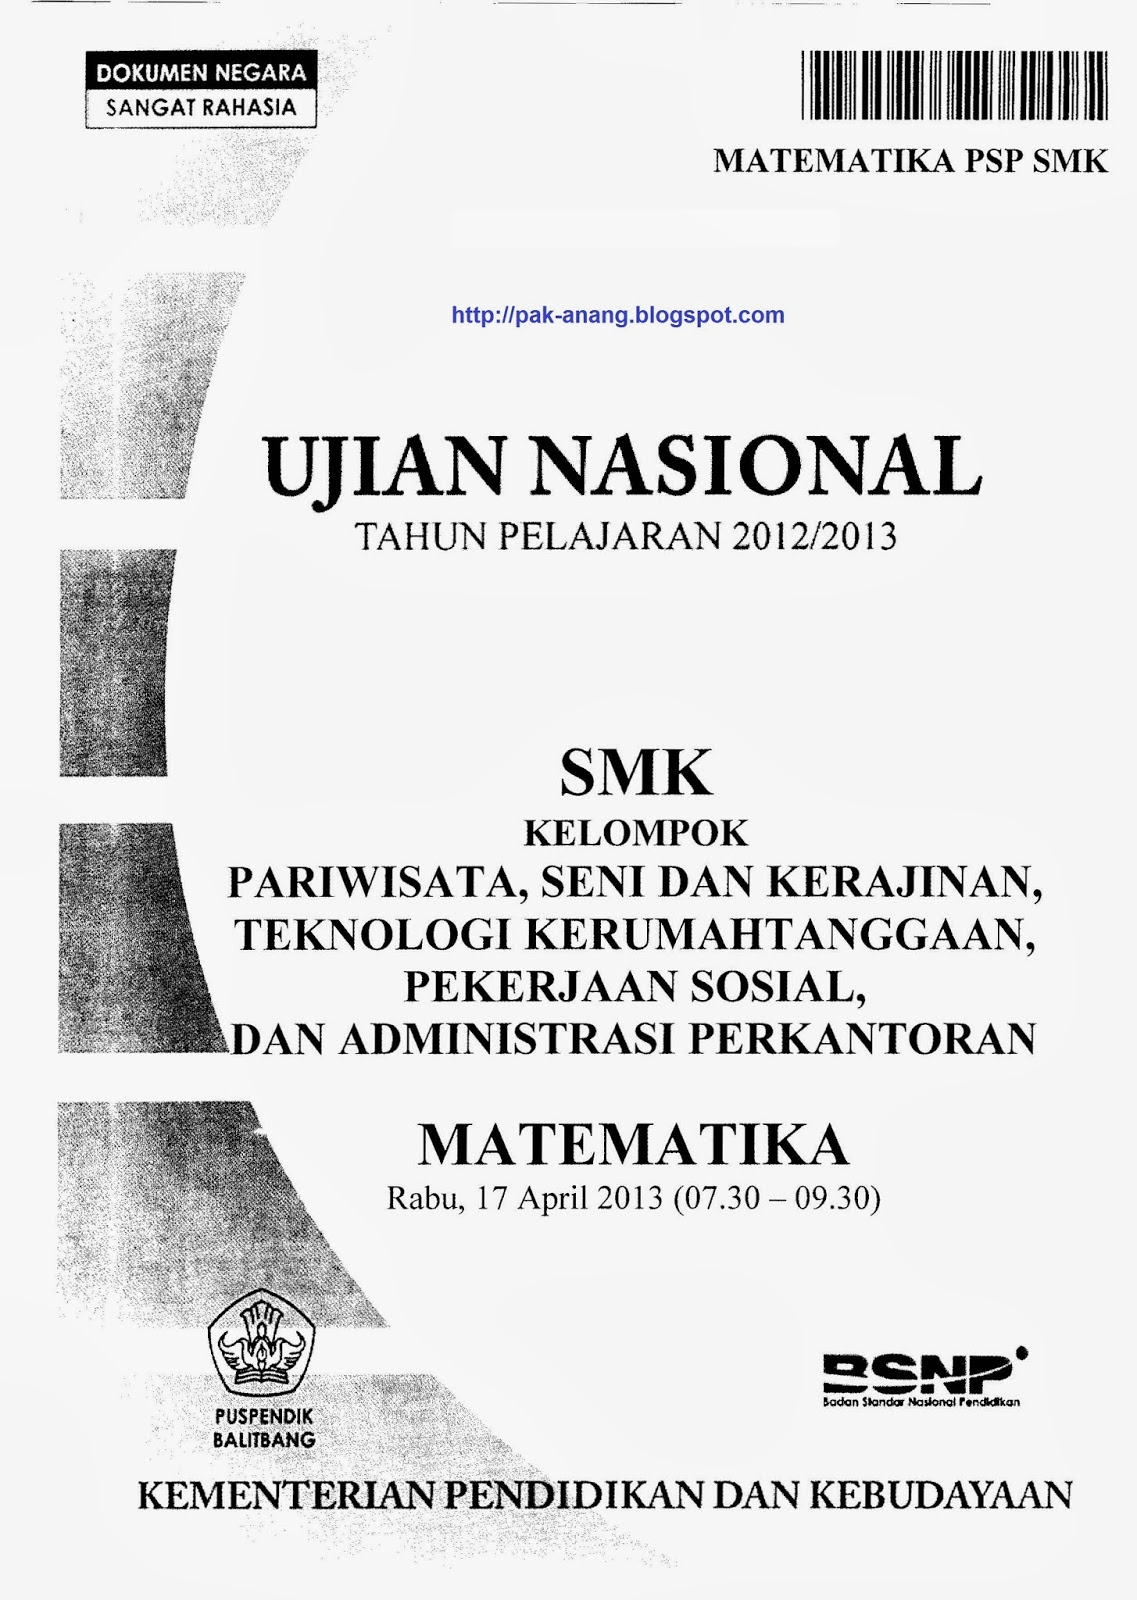 Berbagi Dan Belajar Naskah Soal Un Matematika Smk 2013 Kelompok Pariwisata Seni Dan Kerajinan